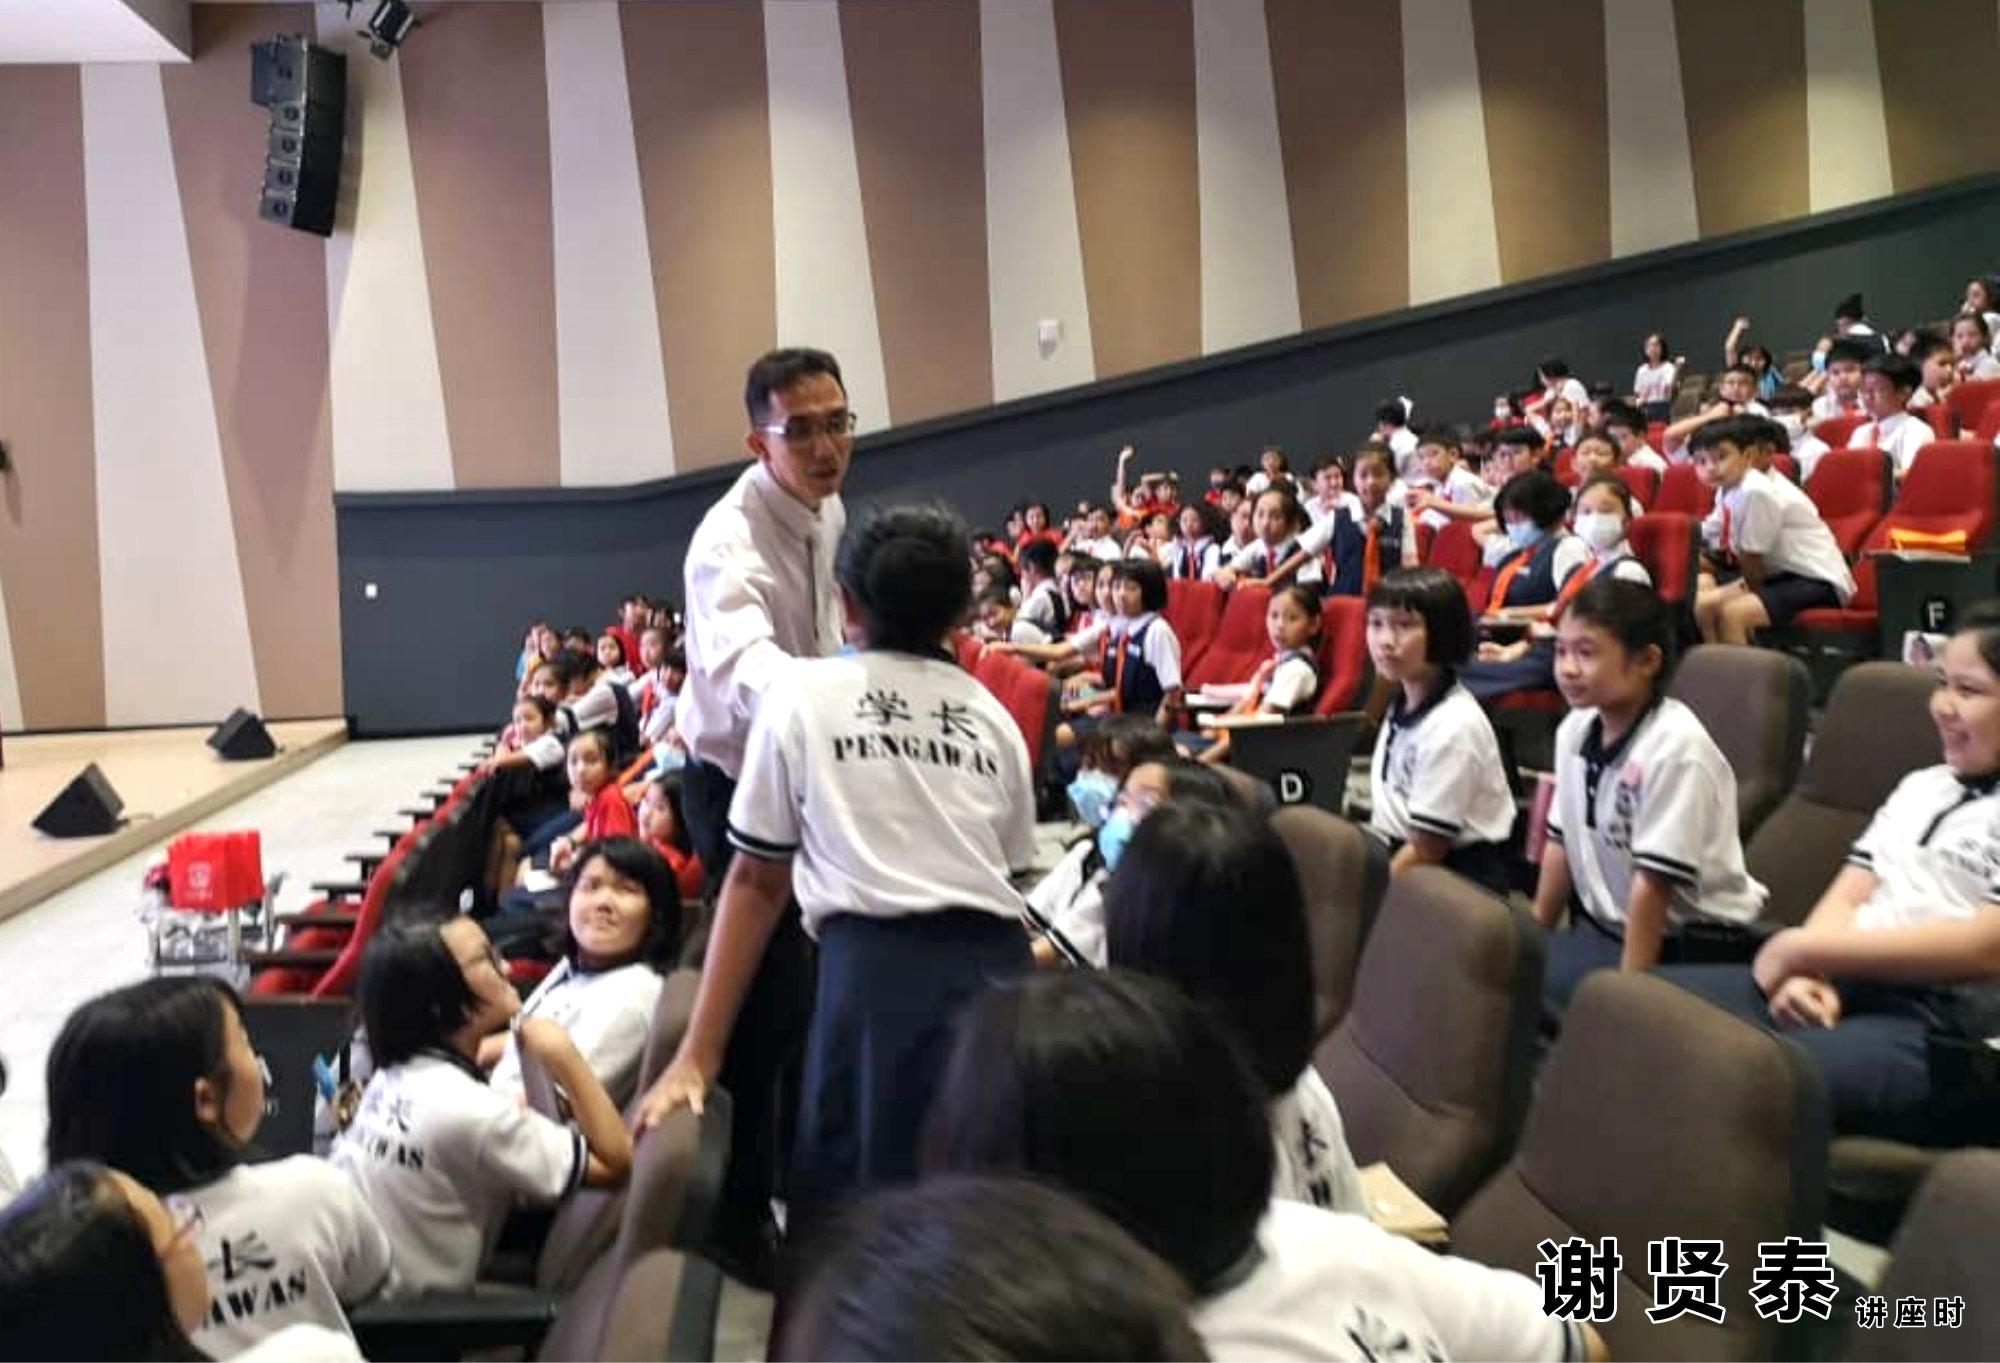 谢贤泰 新山宽柔一小 成为团队领袖 Be A Team Leader 2020小领袖培训营 麻坡小学领袖培训 新山小学培训 A019